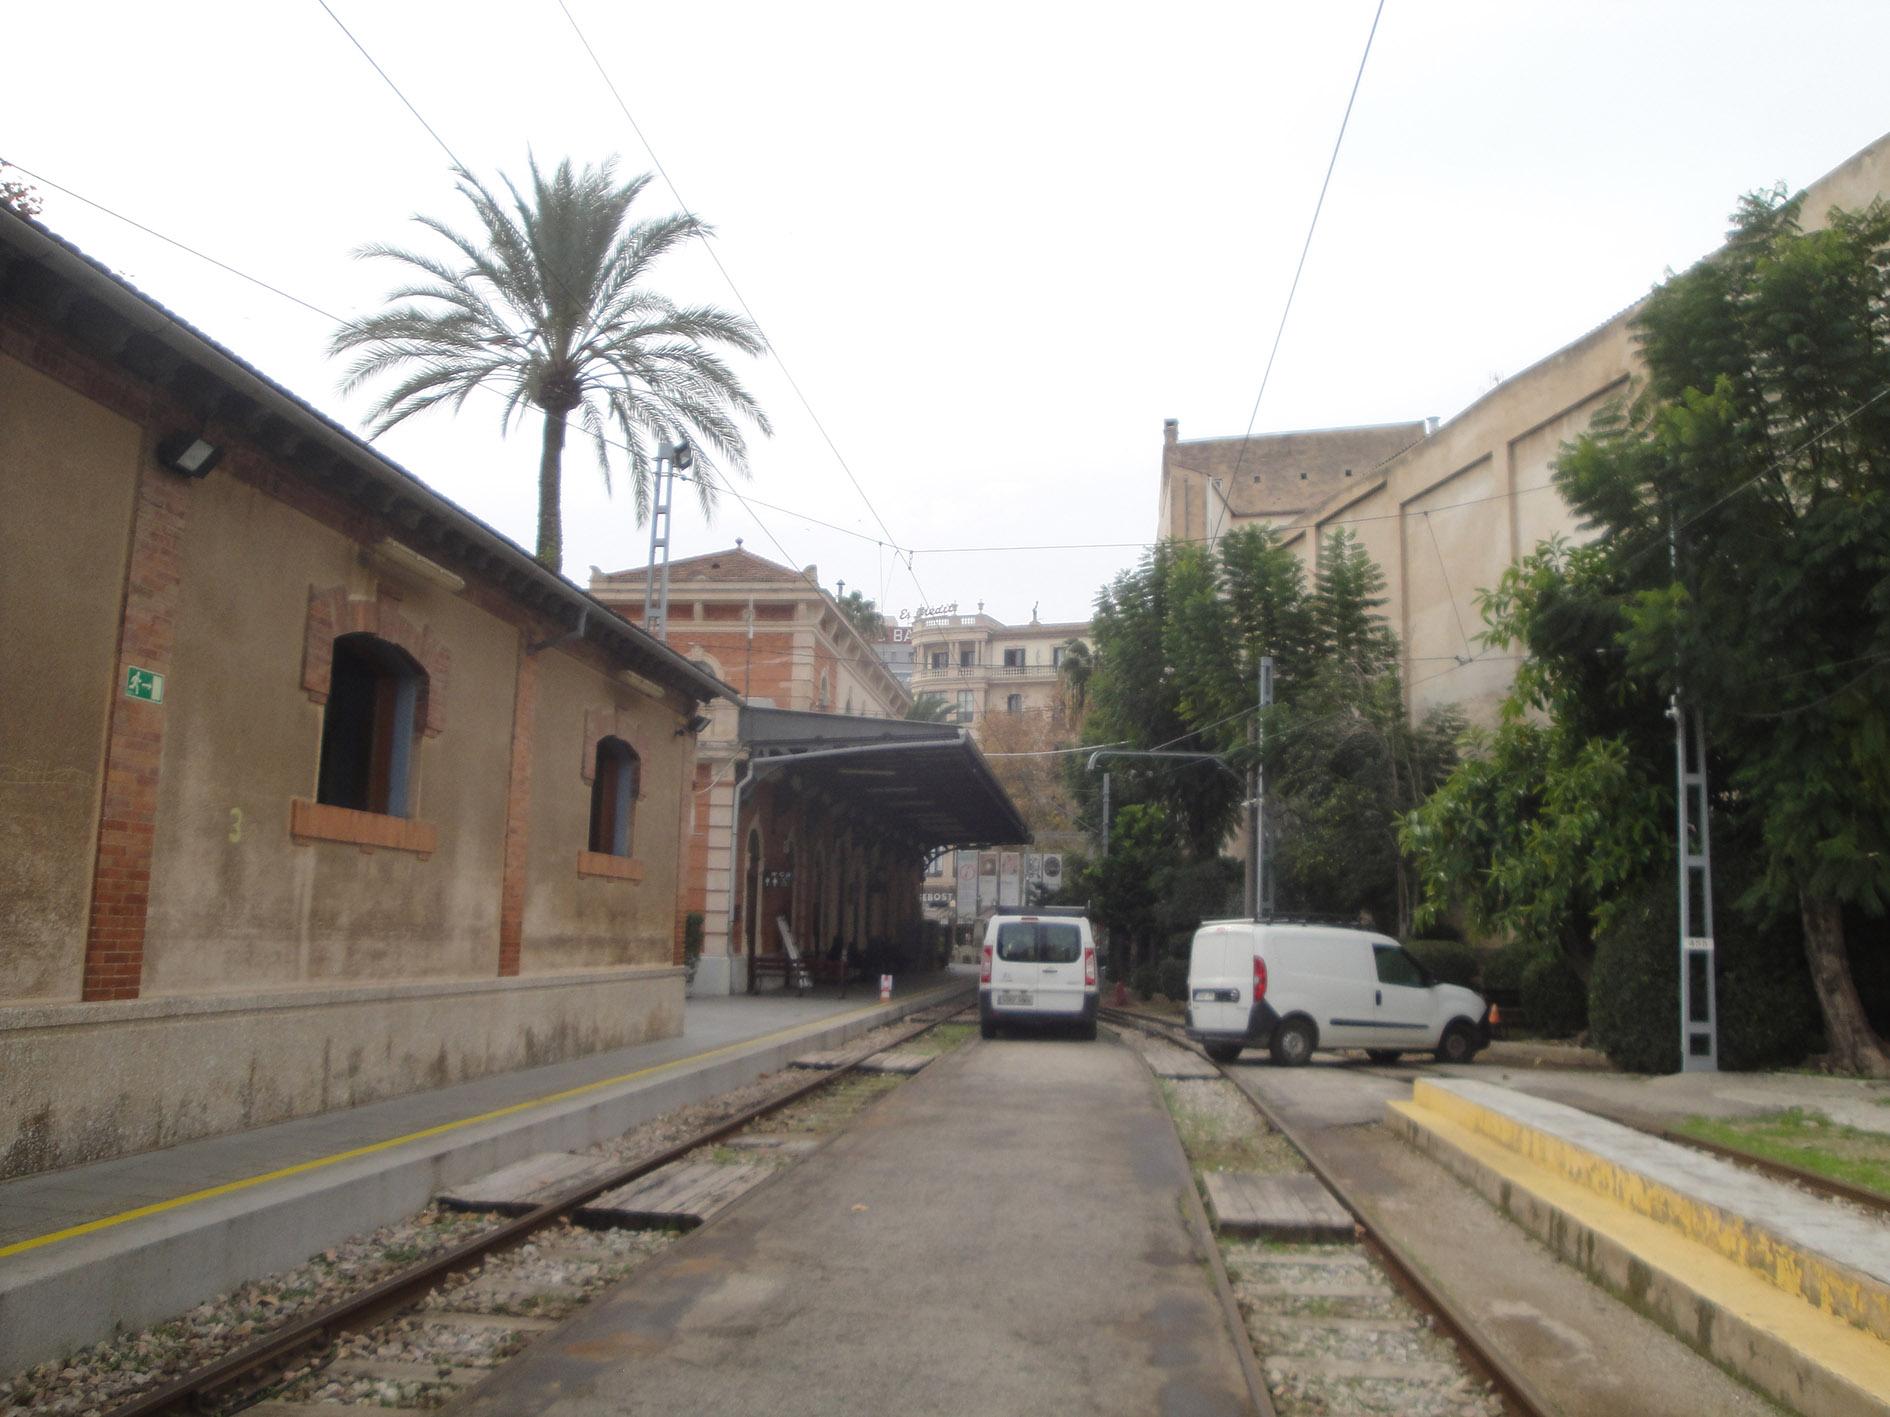 26.12.2019 Tren de Sóller  Palma de Mallotca -  Jordi Bibià